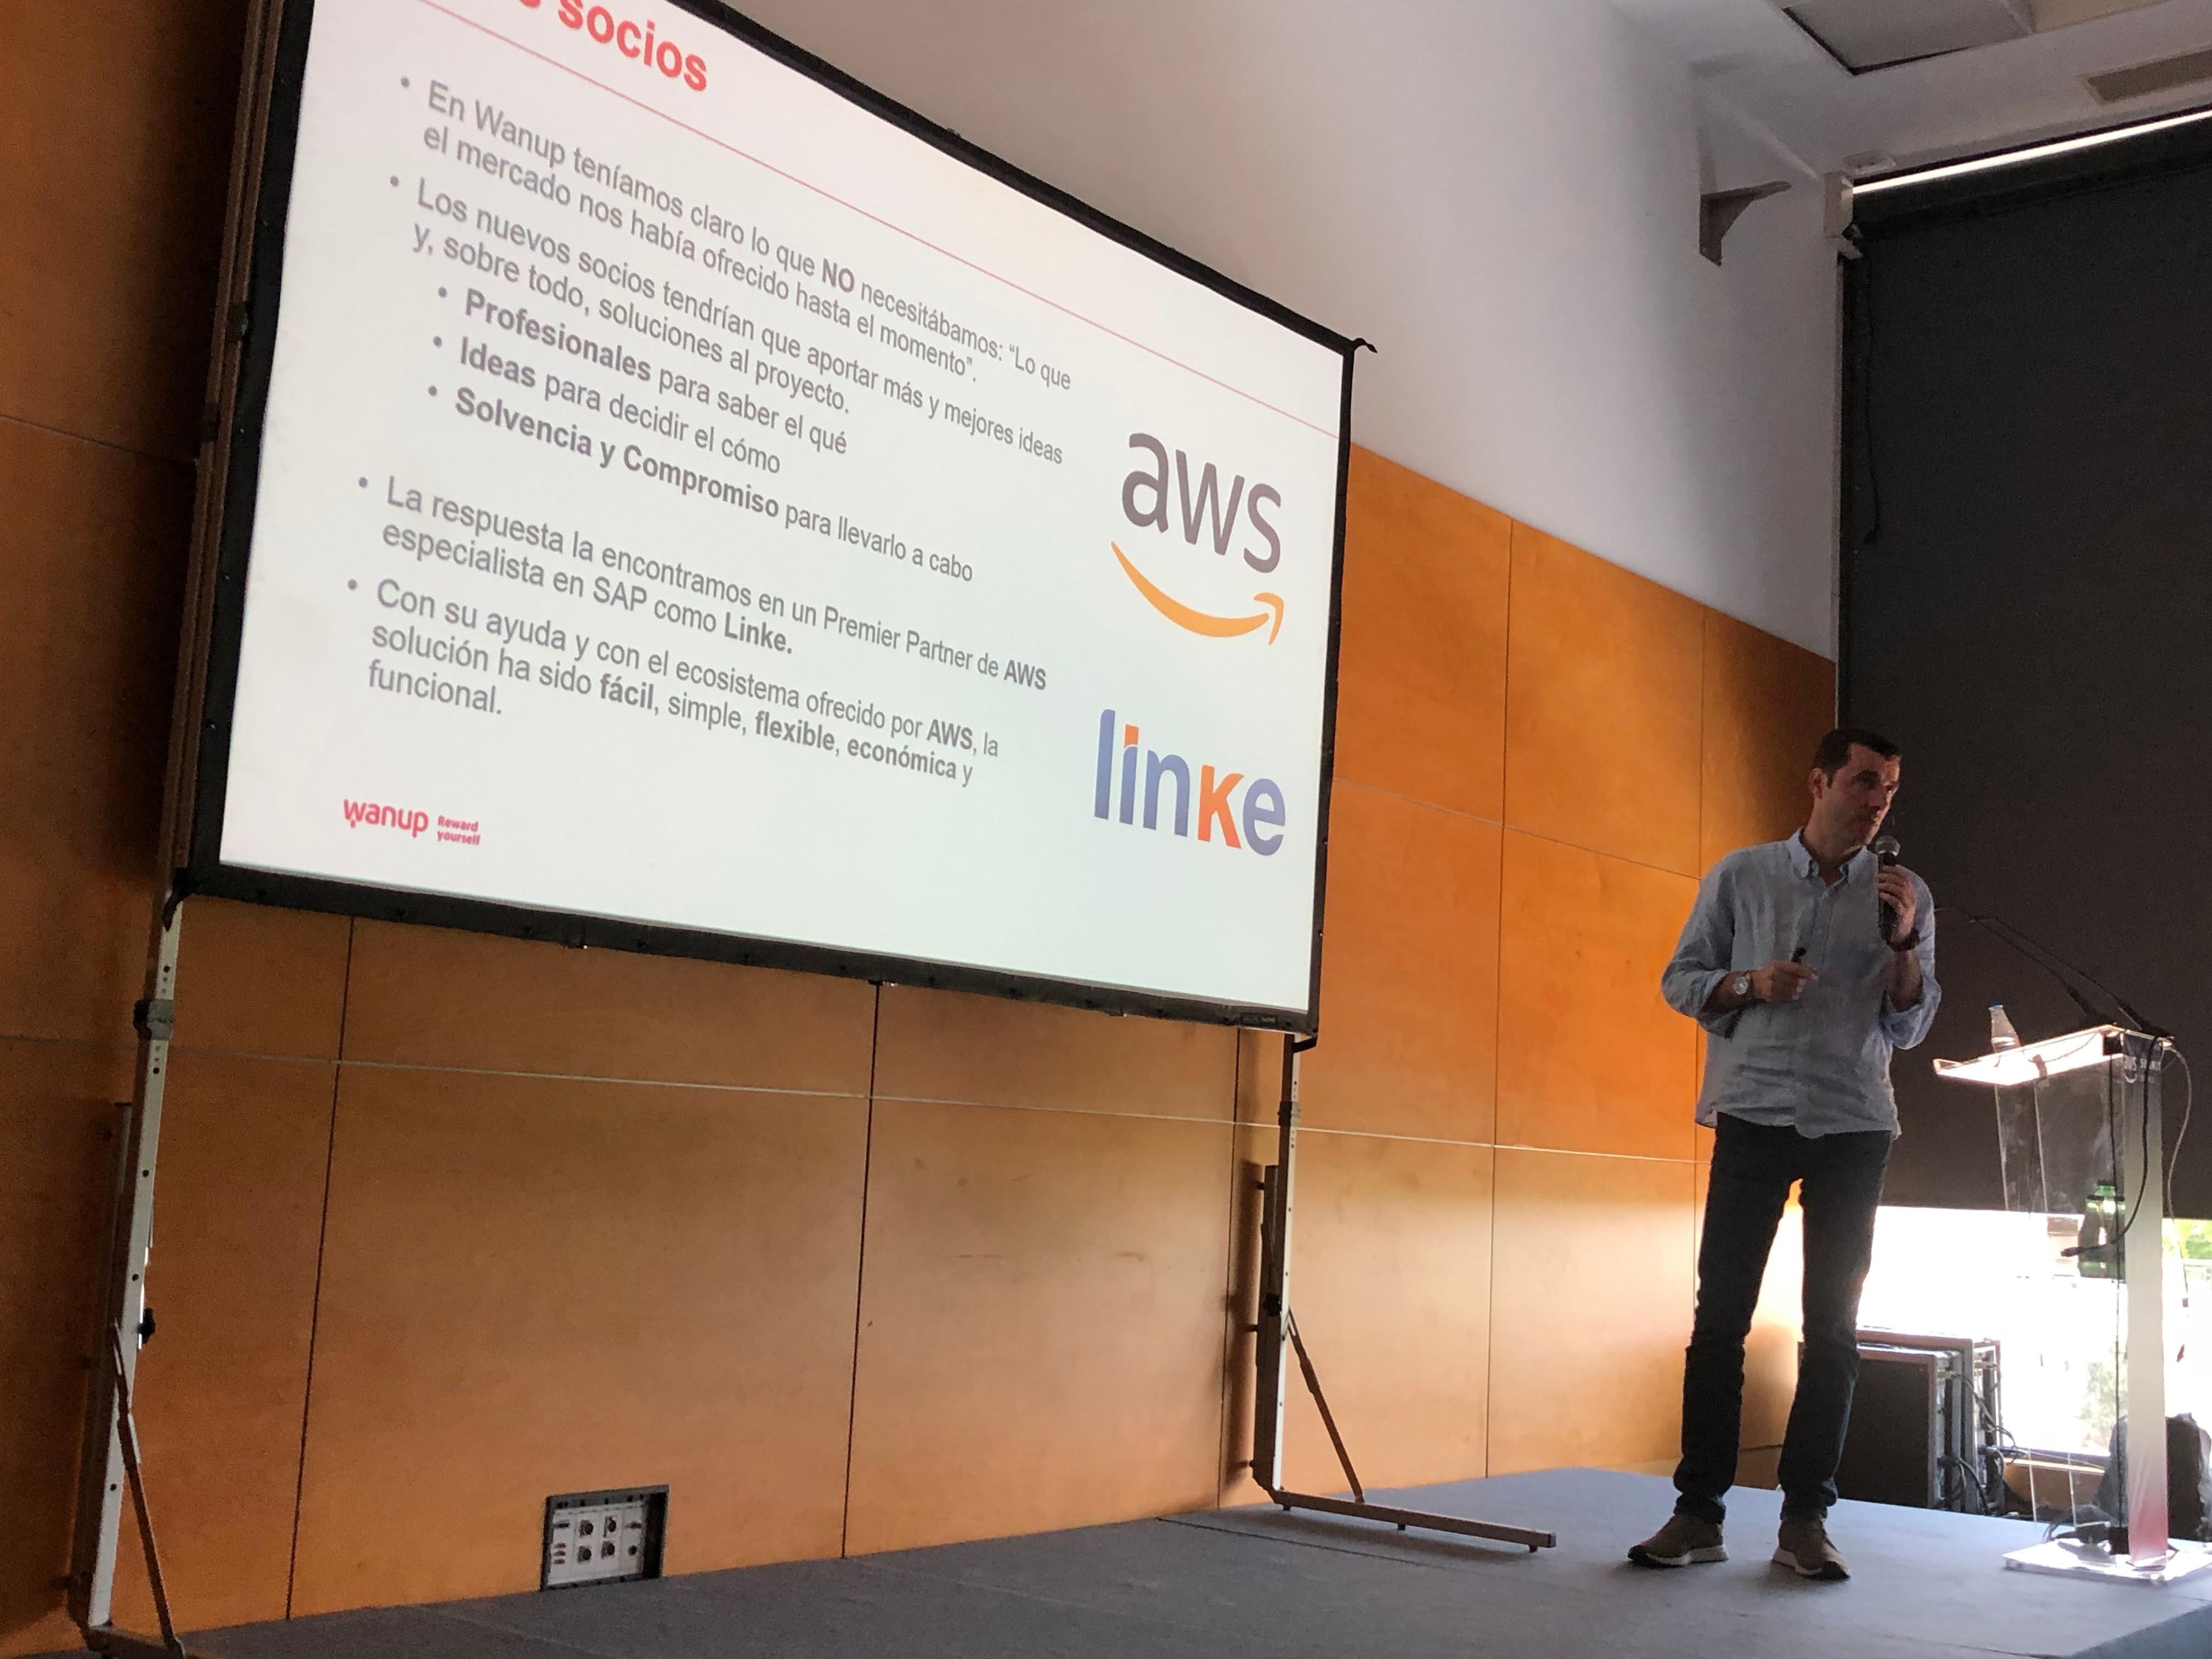 aws summit madrid 2018 Wanup AWS Linke